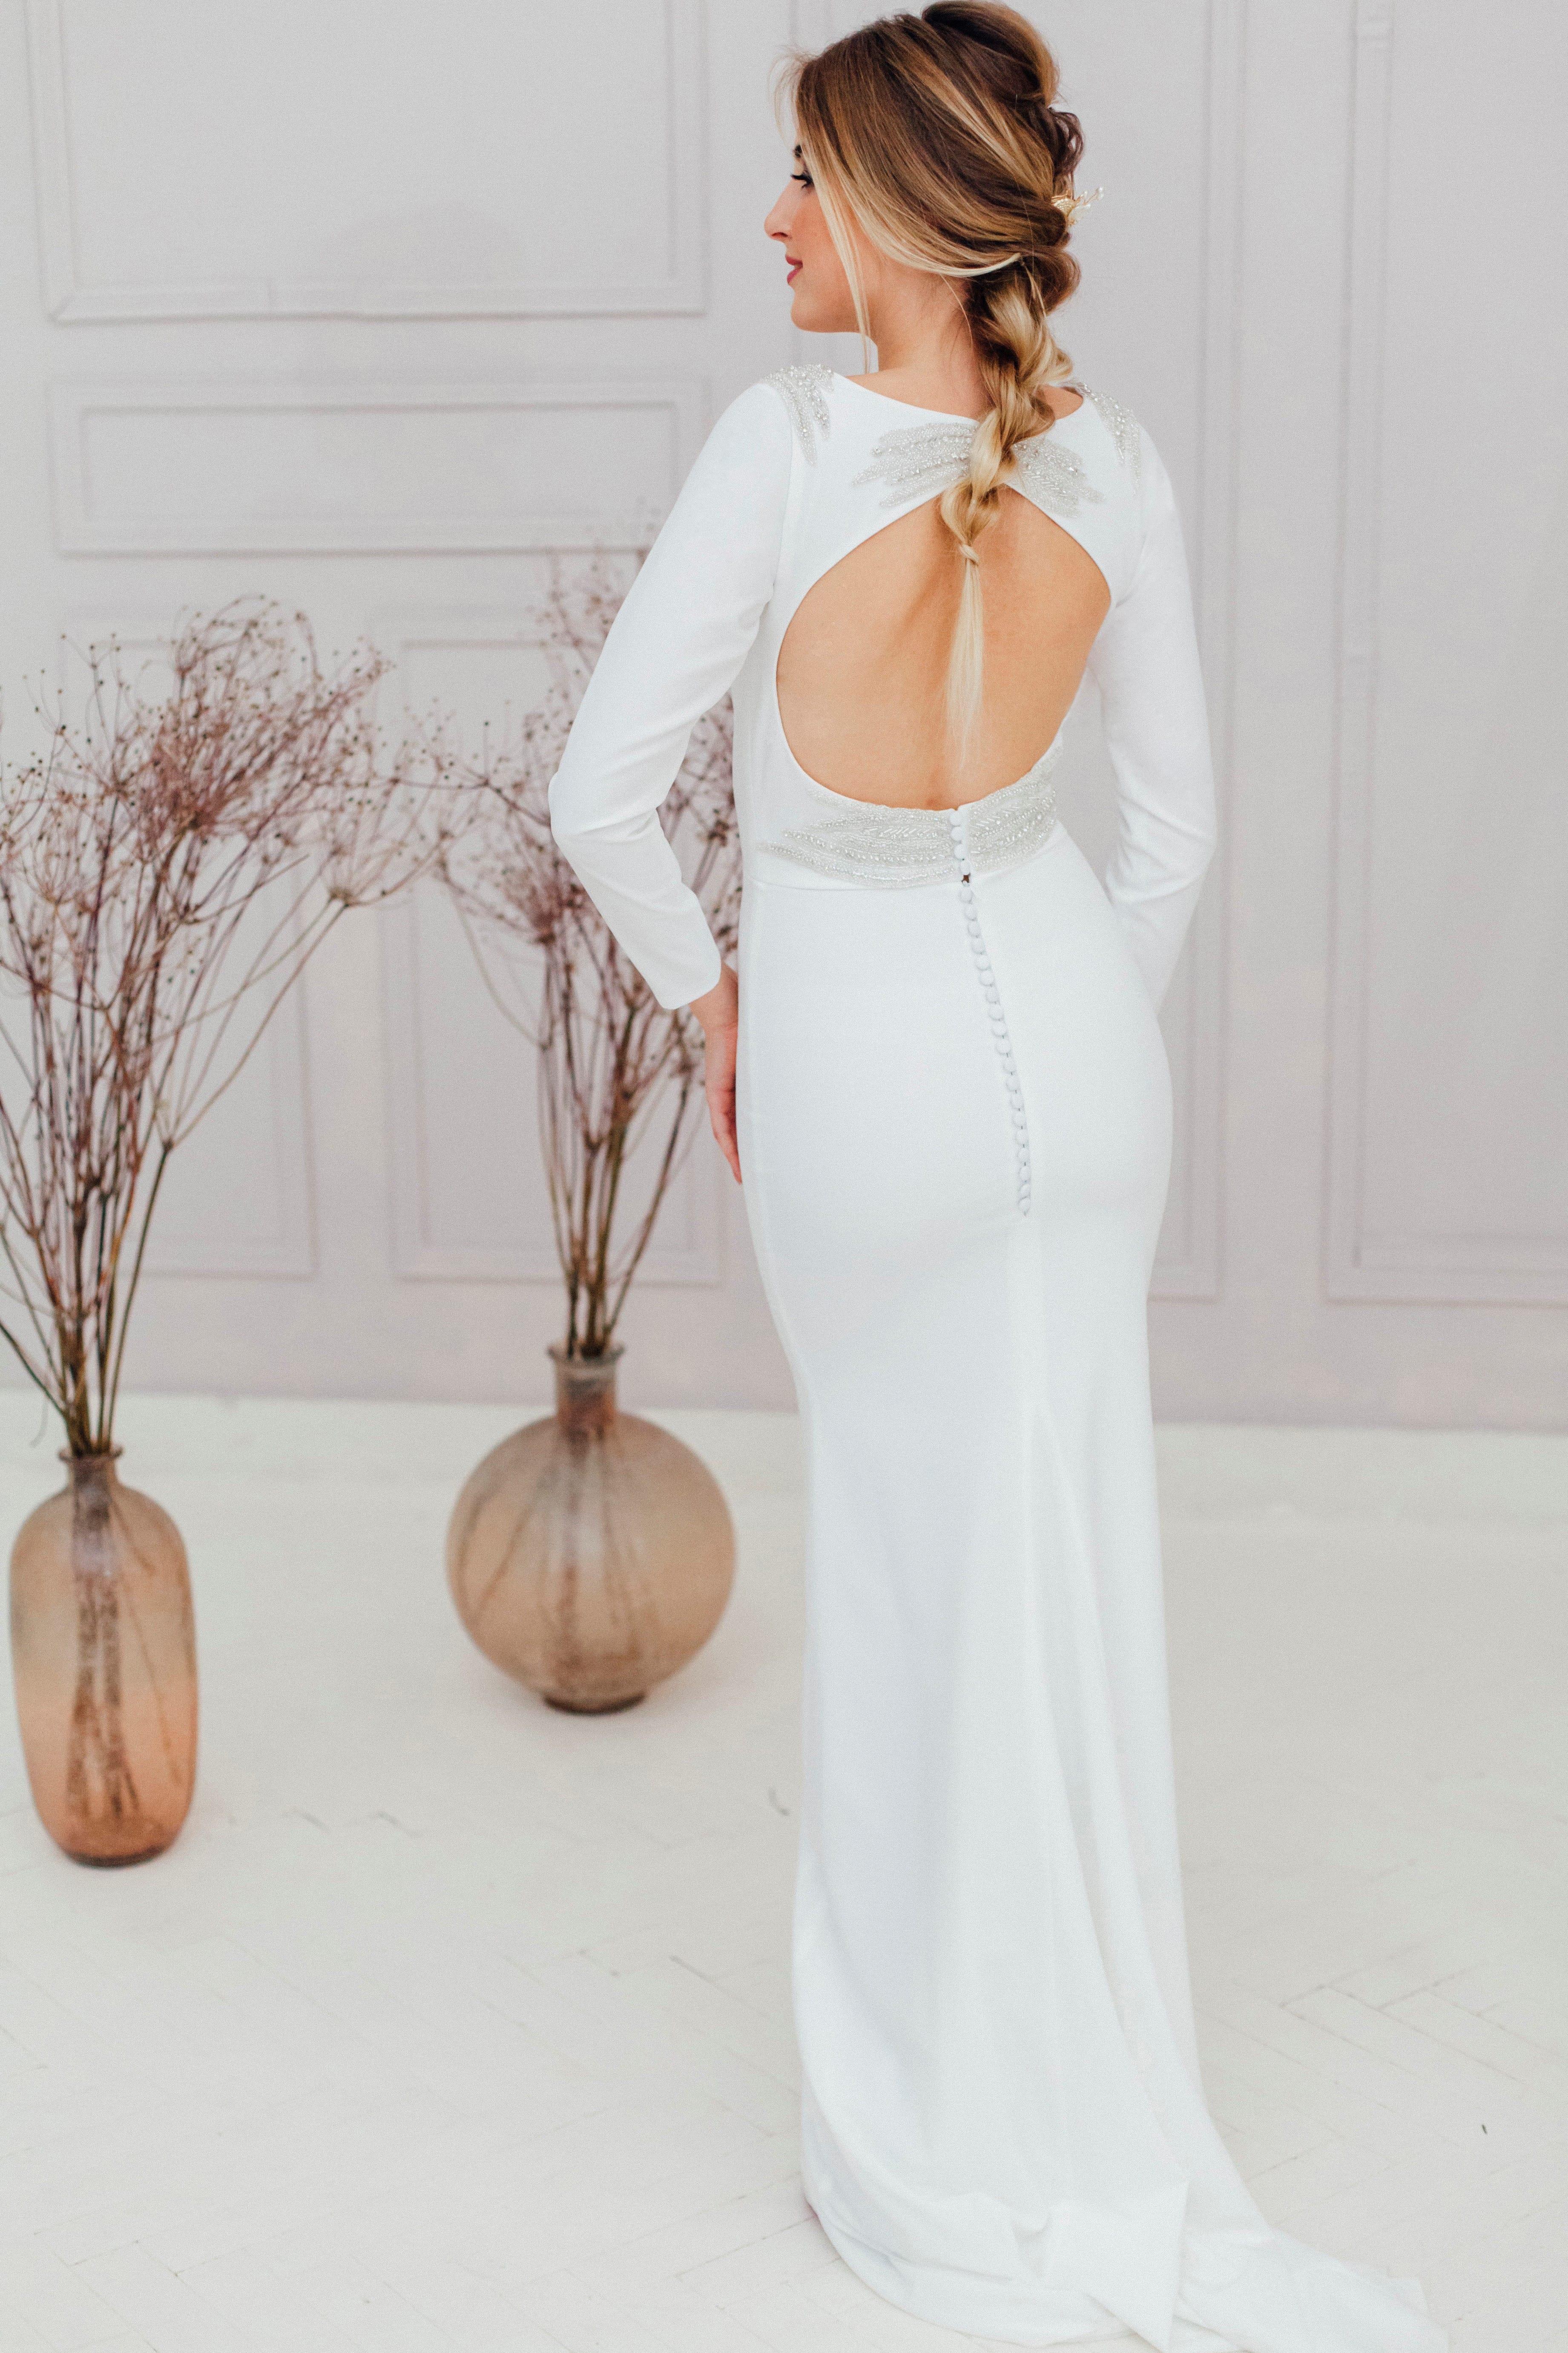 Свадебное платье RAY, коллекция REFINED ELEGANCE, бренд OKA NOMO, фото 3